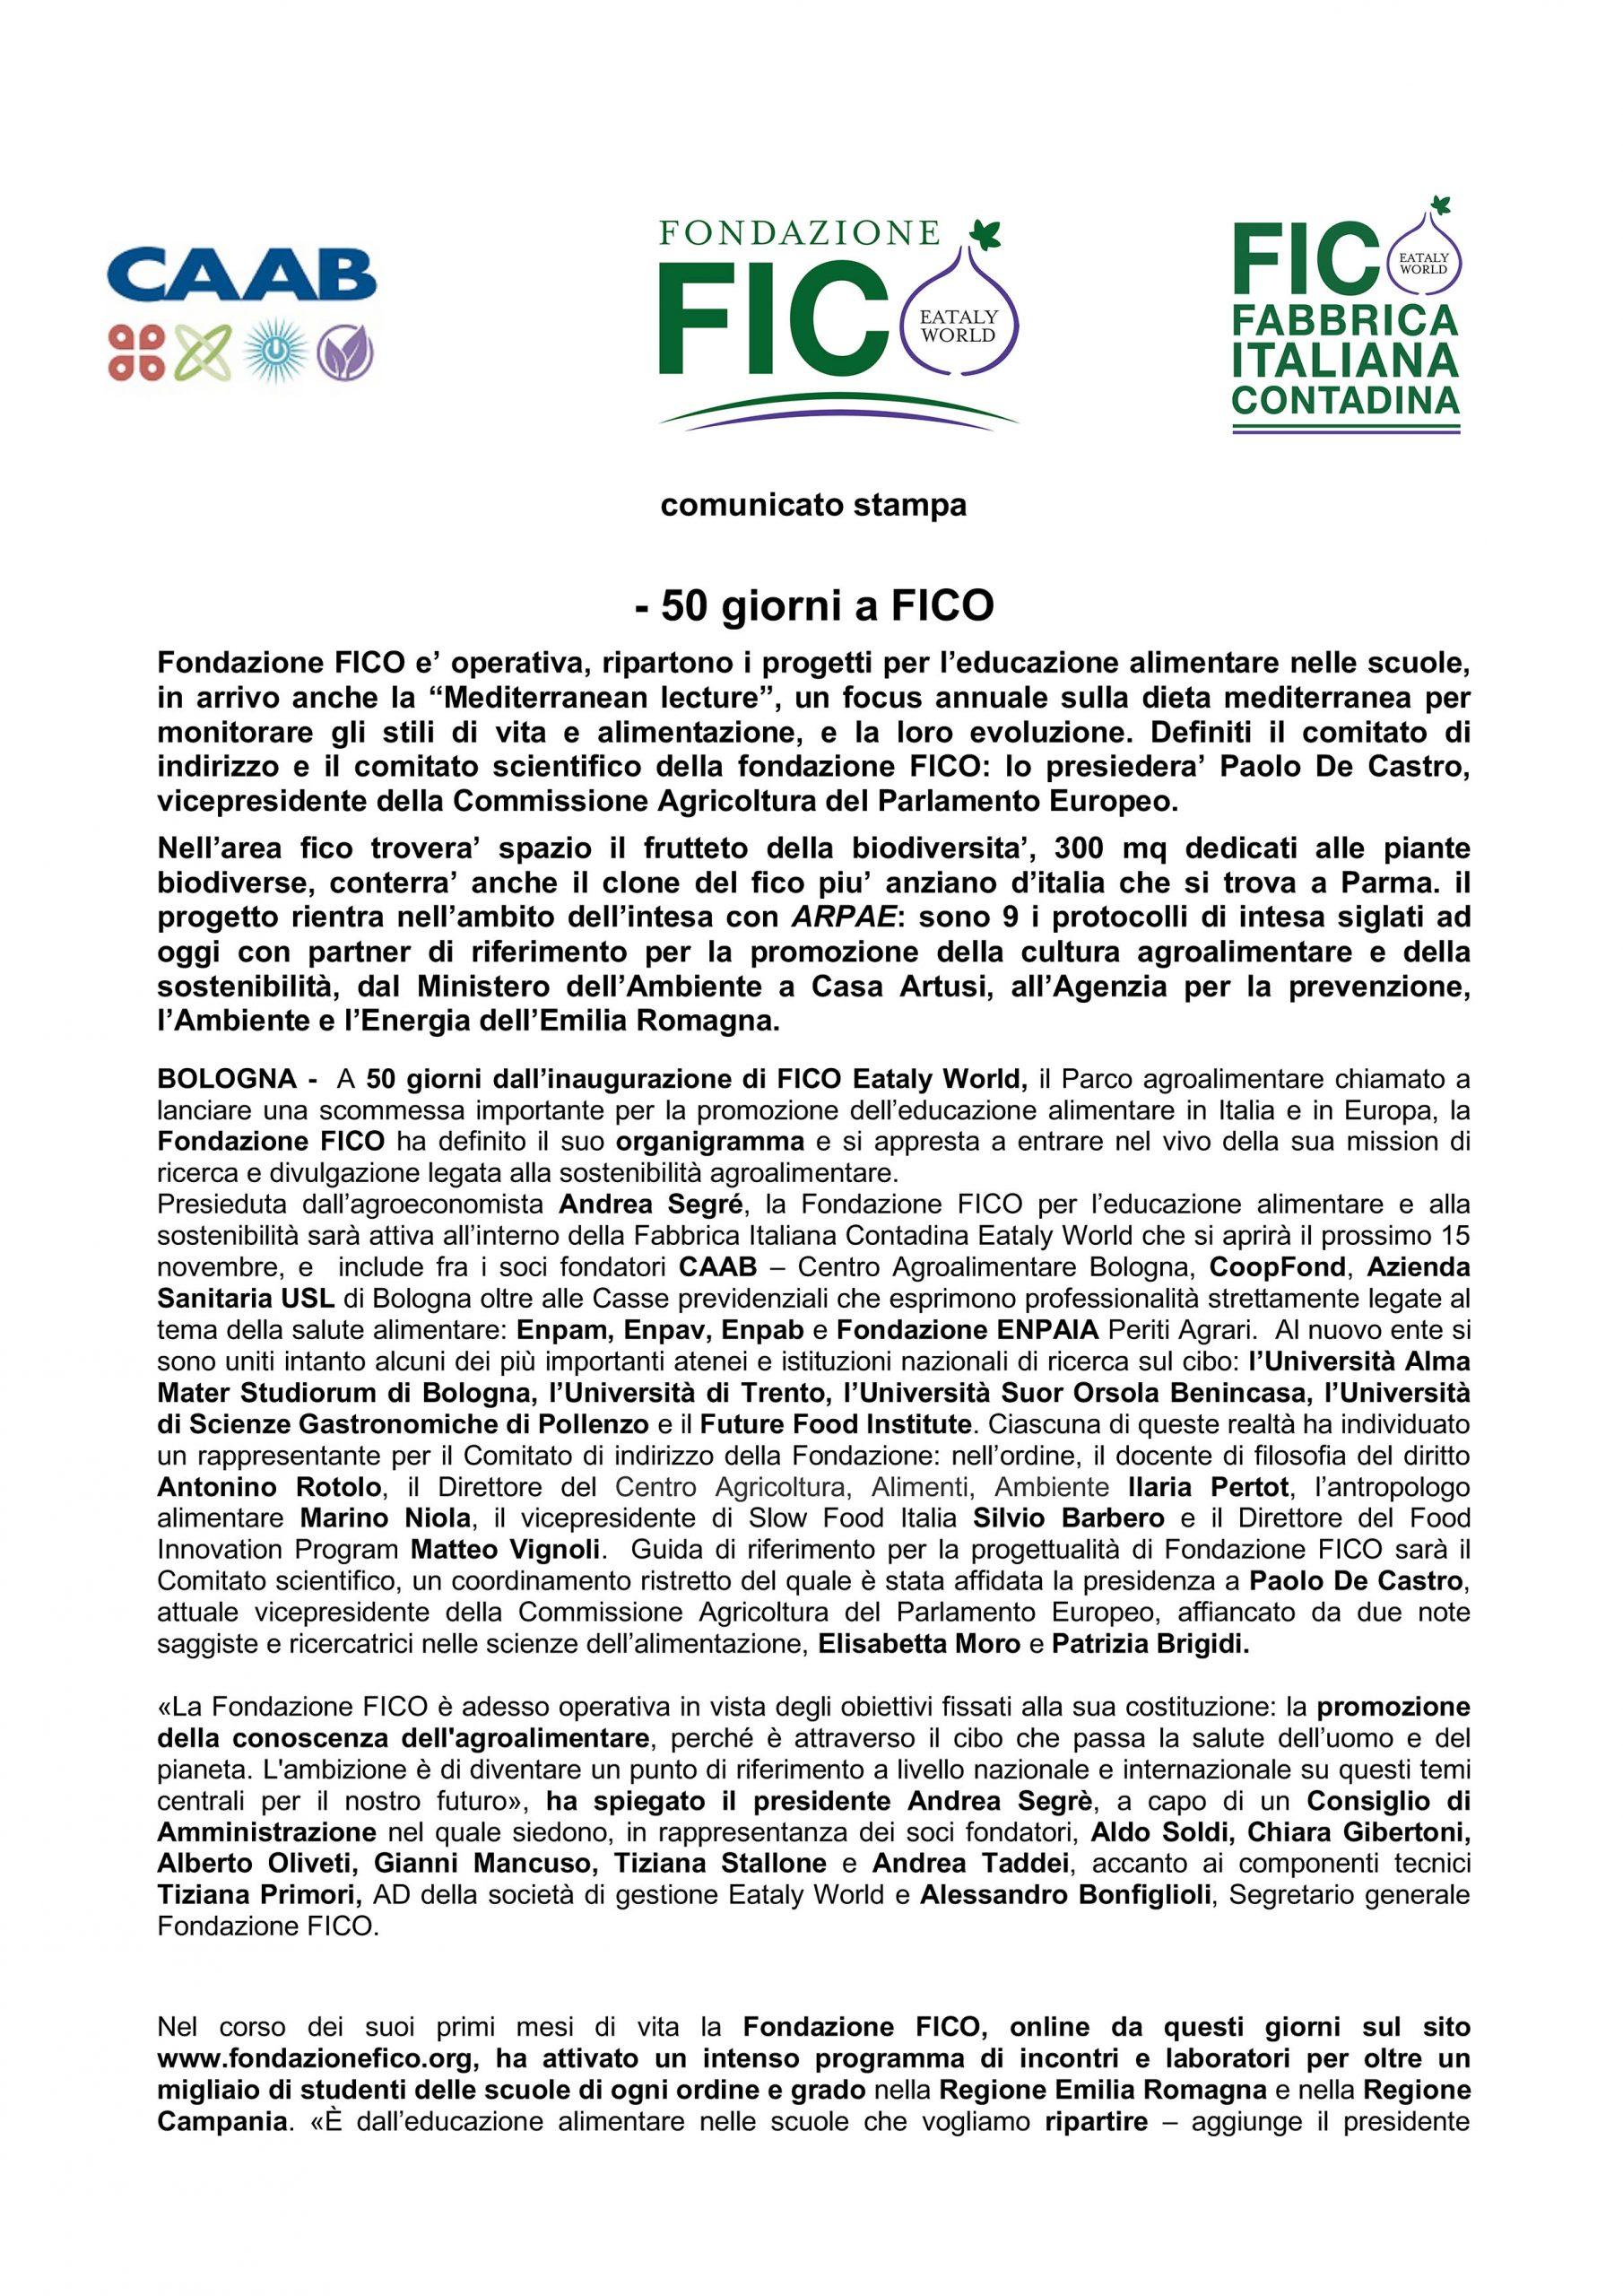 CS-0004-FondazioneFico-Operativa-25-09-2017_Pagina_1